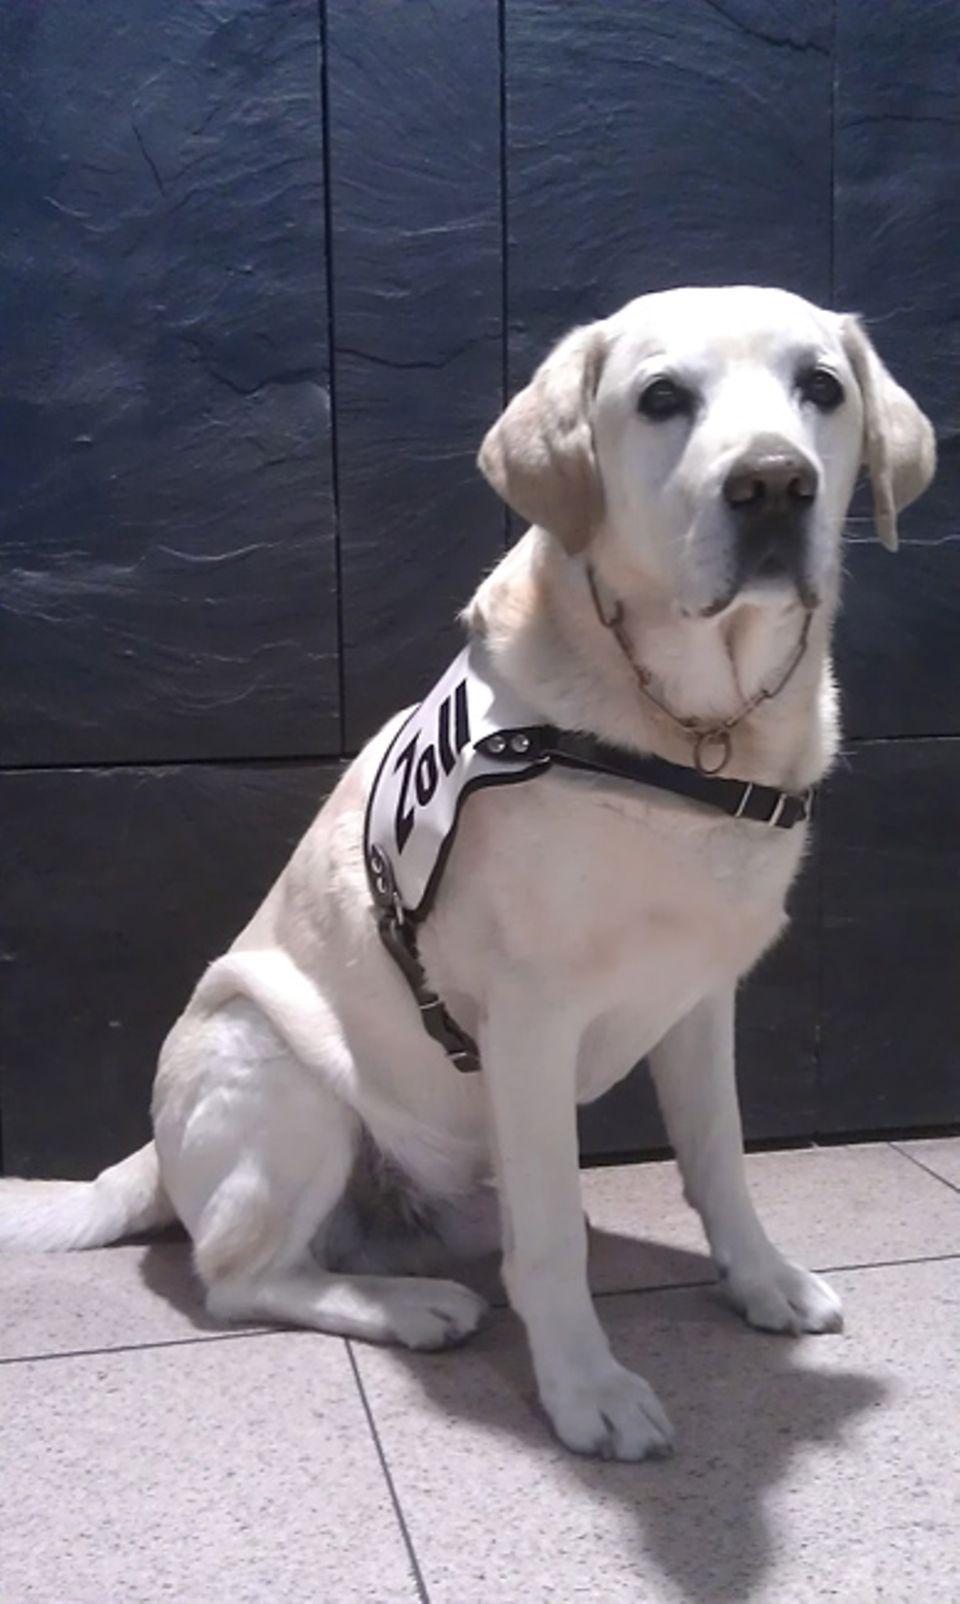 Auf ihn ist Verlass: Der Labrador Berry ist eine große Bereicherung für seine Kollegen vom Zoll